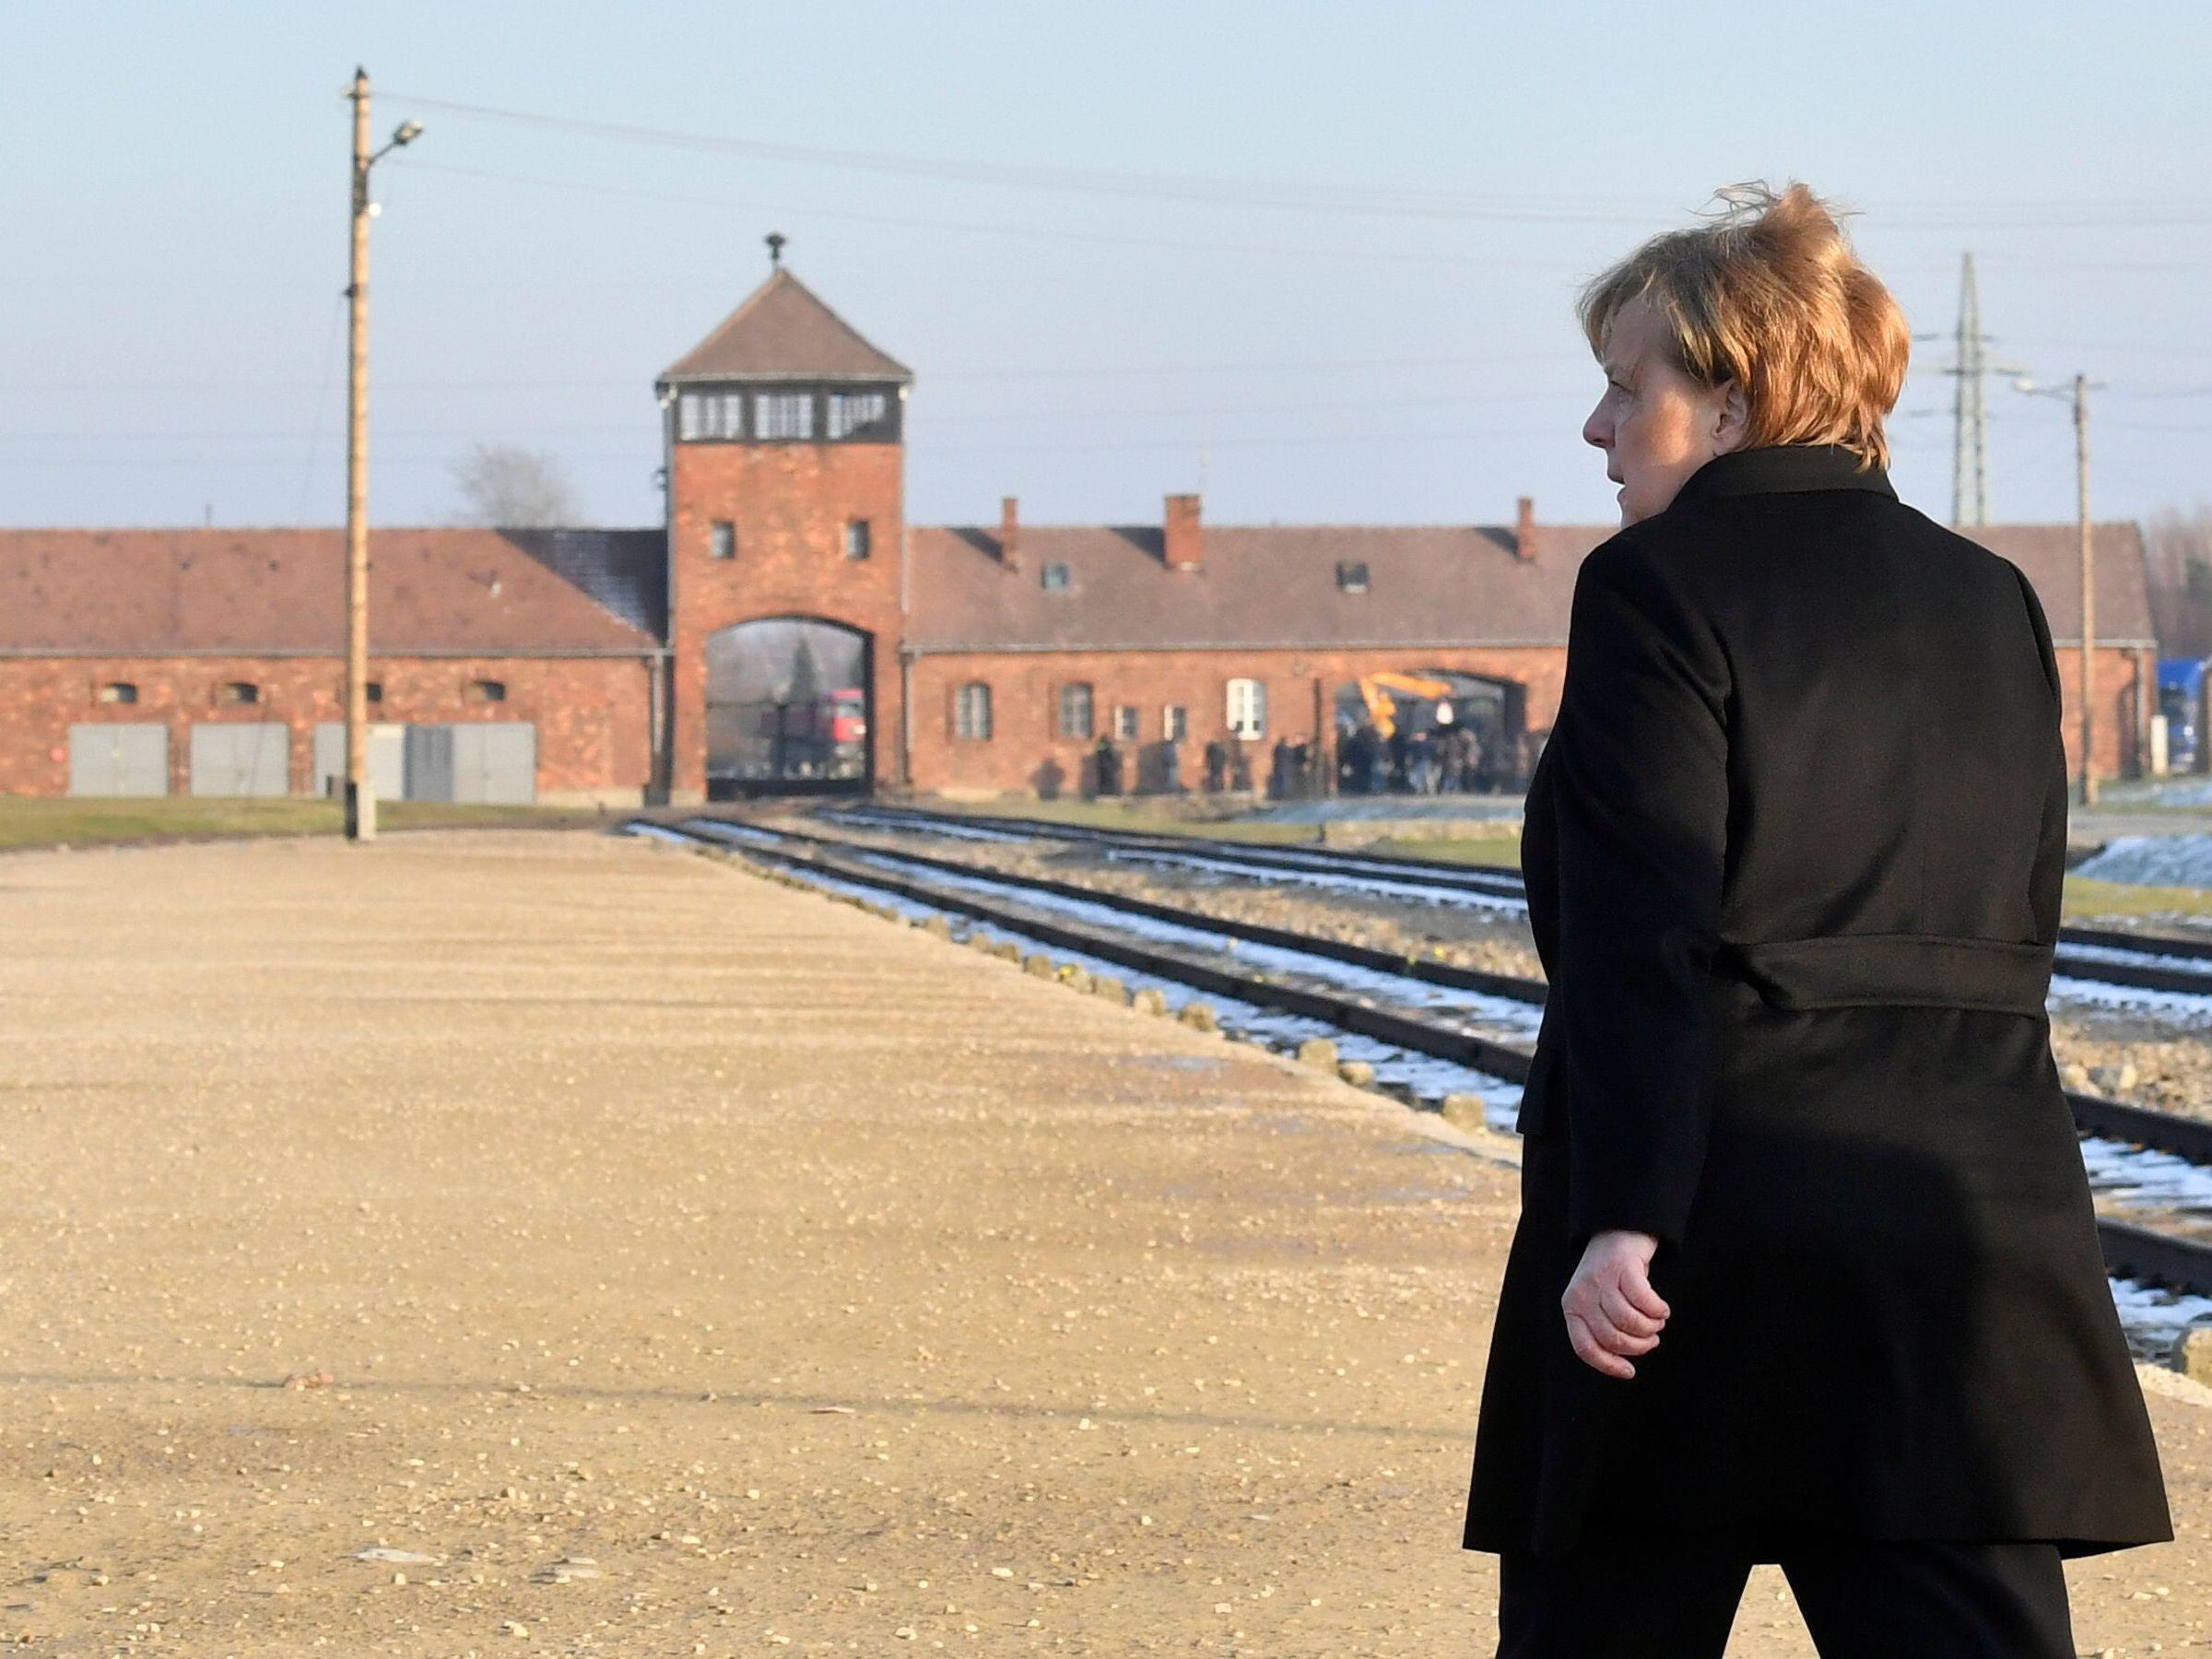 Merkel Tours Auschwitz With 'Sense Of Shame' And Warns Of Resurgent Anti-Semitism